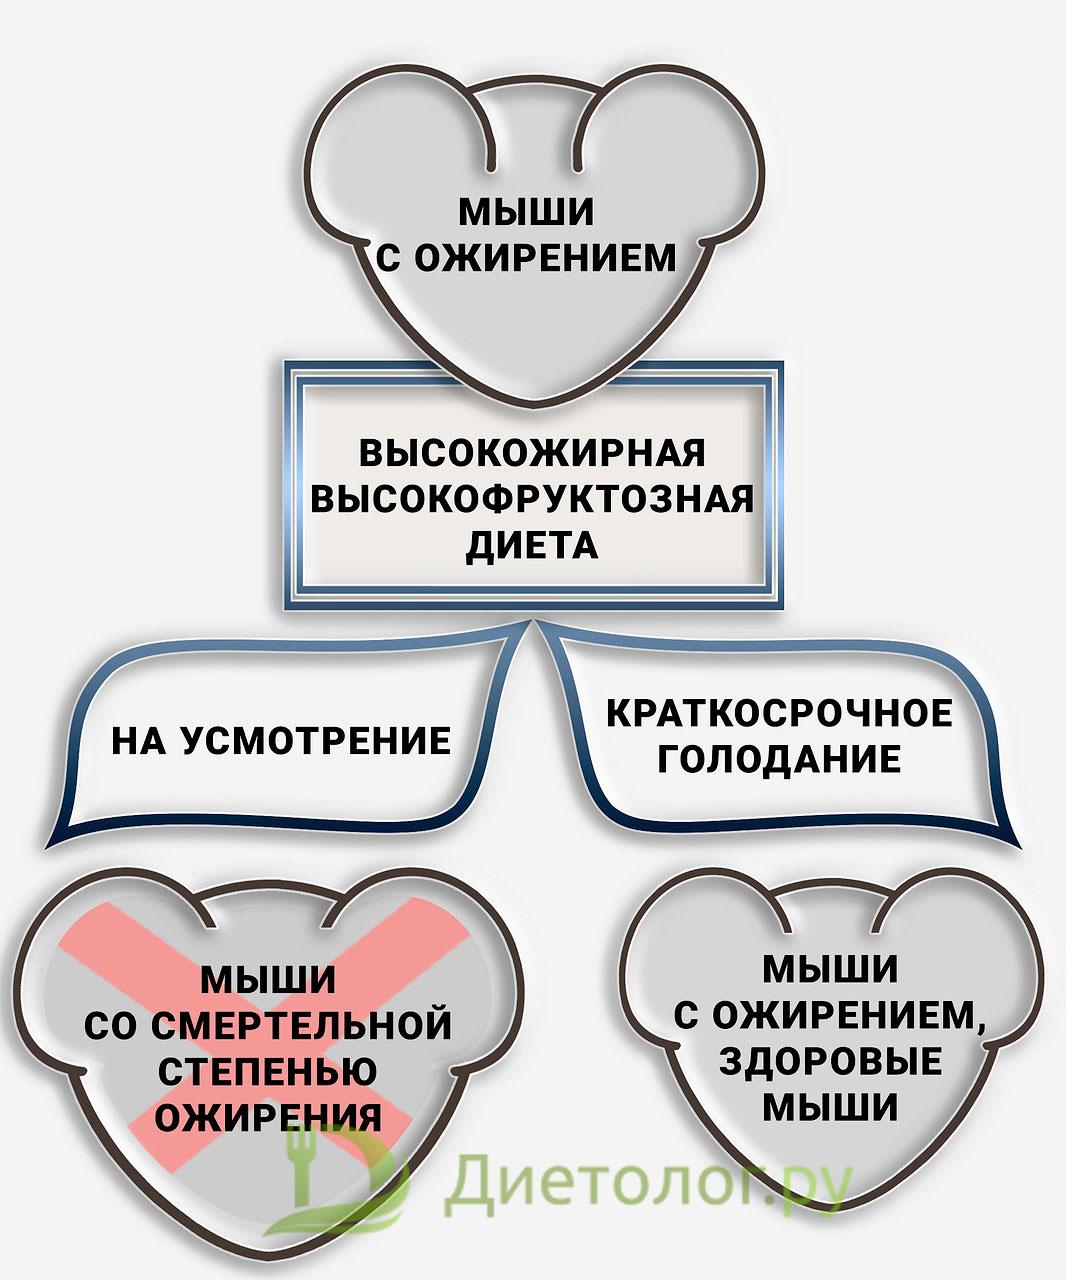 Отмена метаболического расстройства